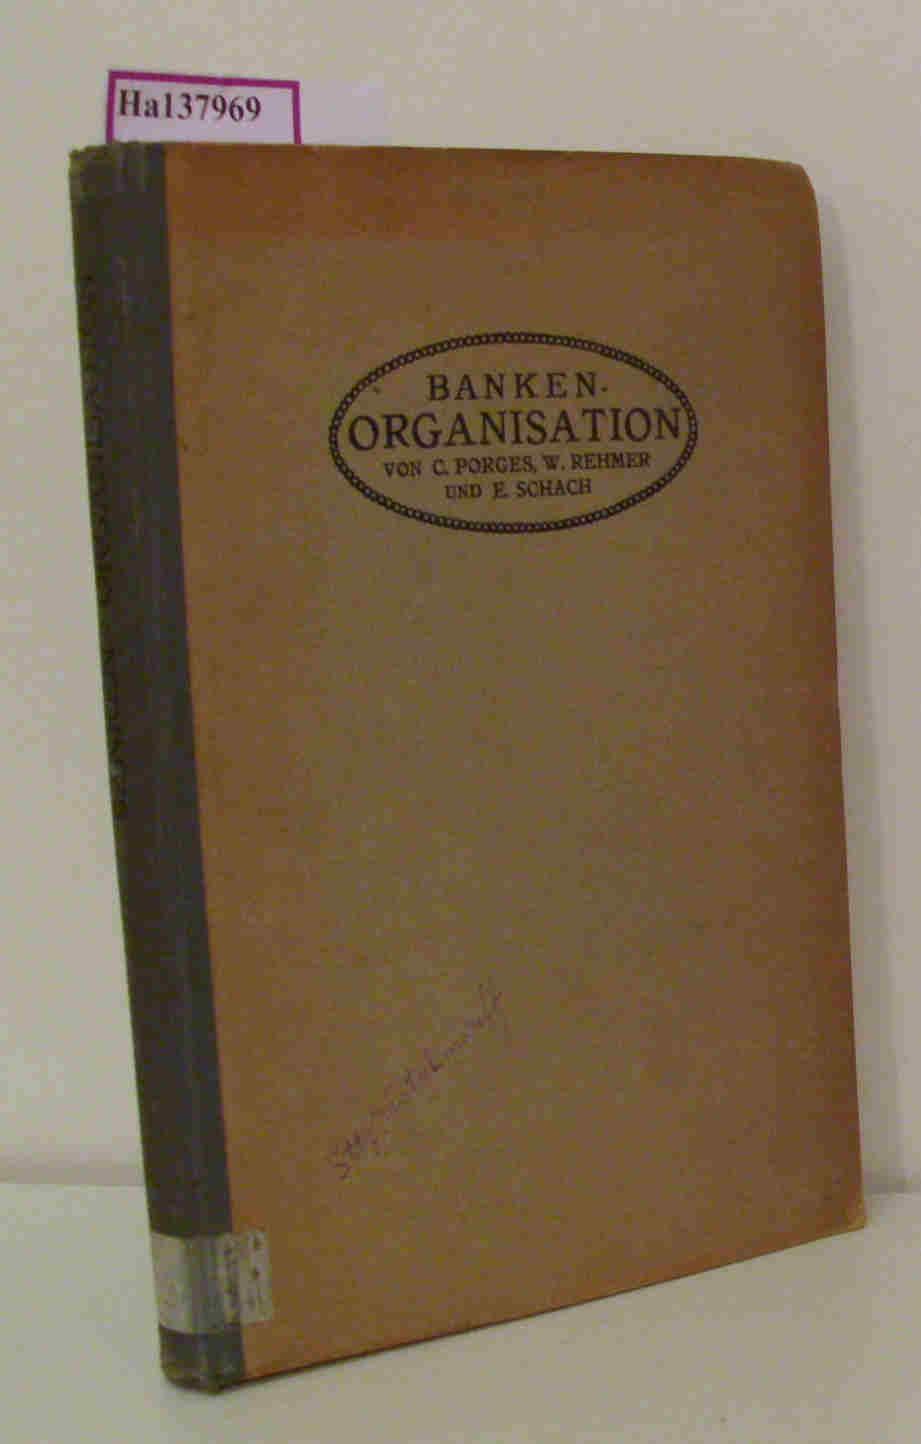 Banken-Organisation. I. Organisation einer Grossbank. II. Organisation einer Volksbank. II. Buchhalterische Einrichtungen in einem mittleren Bankenbetriebe. 3